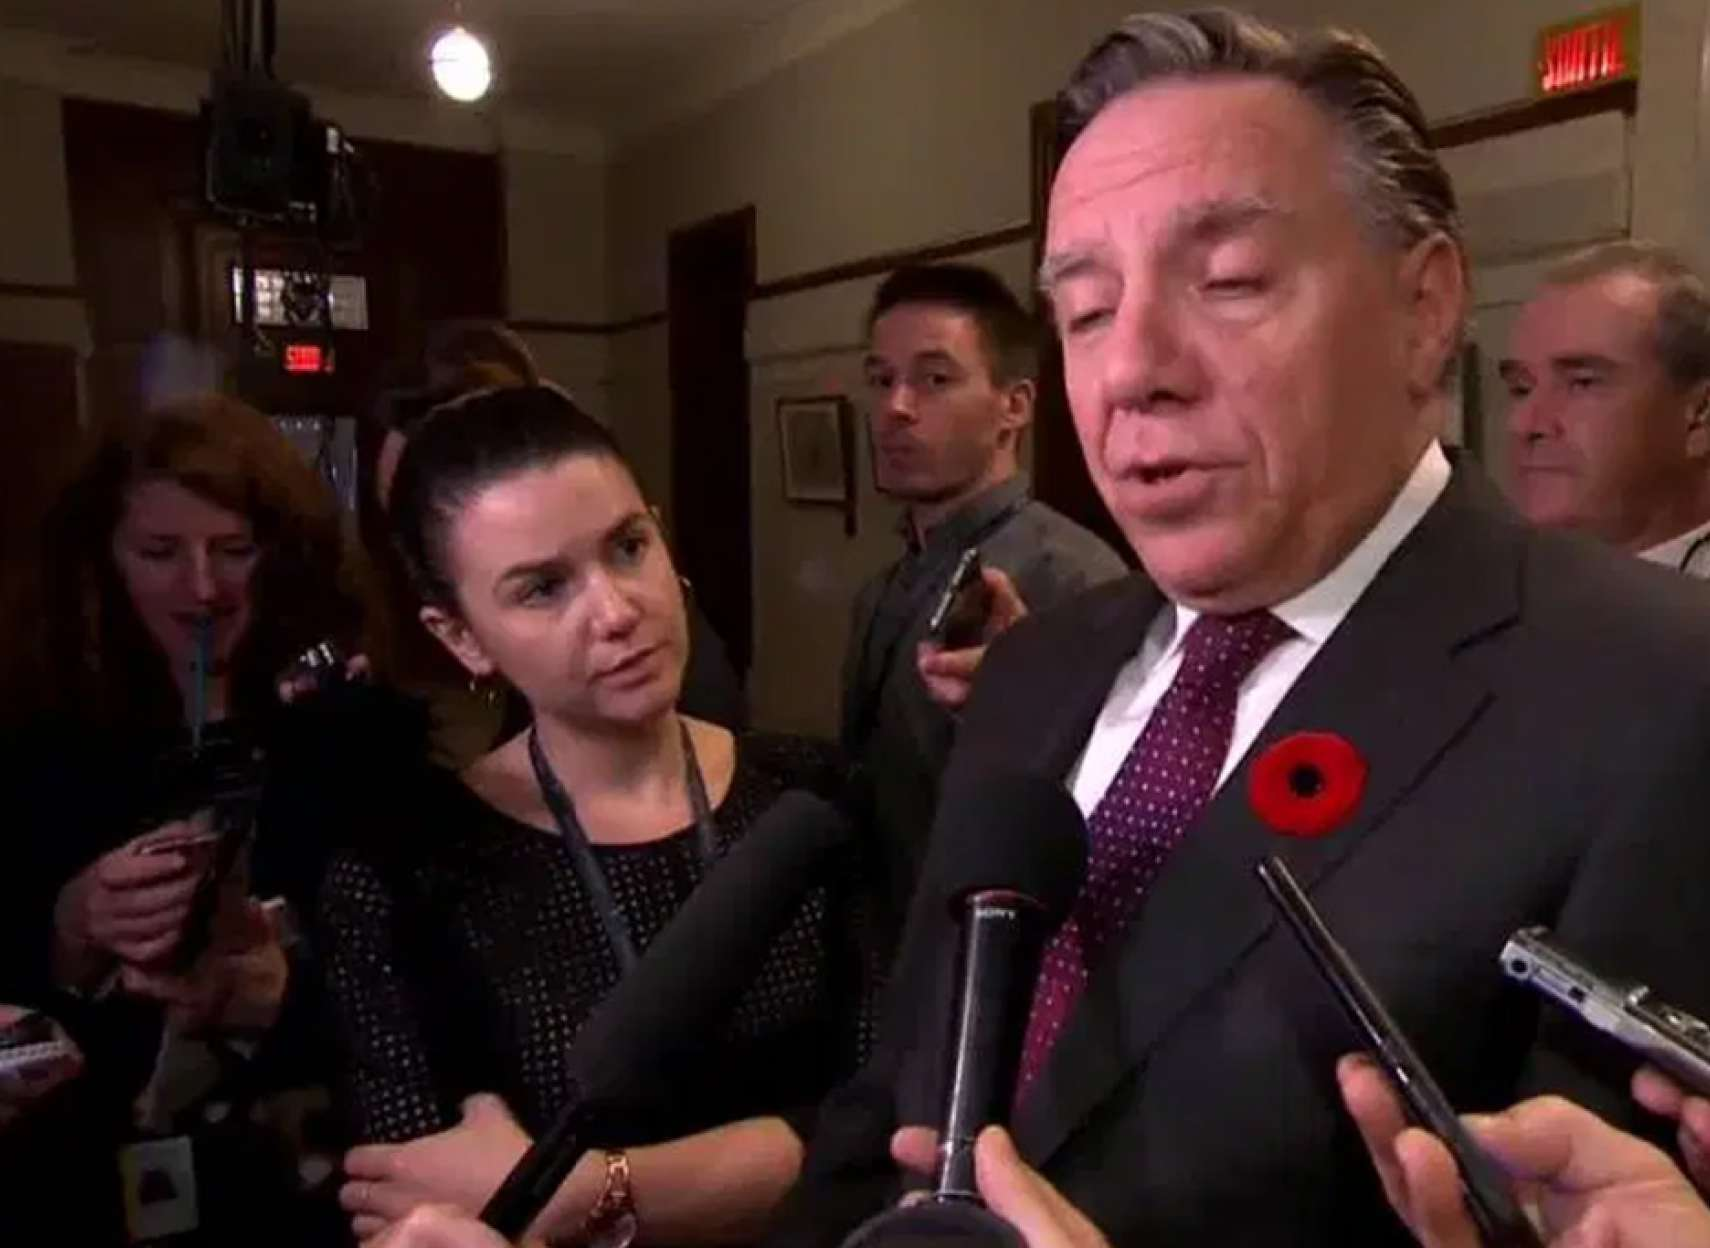 اخبار-کانادا-کبک-از-مهاجرین-جدید-امتحان-ارزشهای-اجتماعی-میگیرد